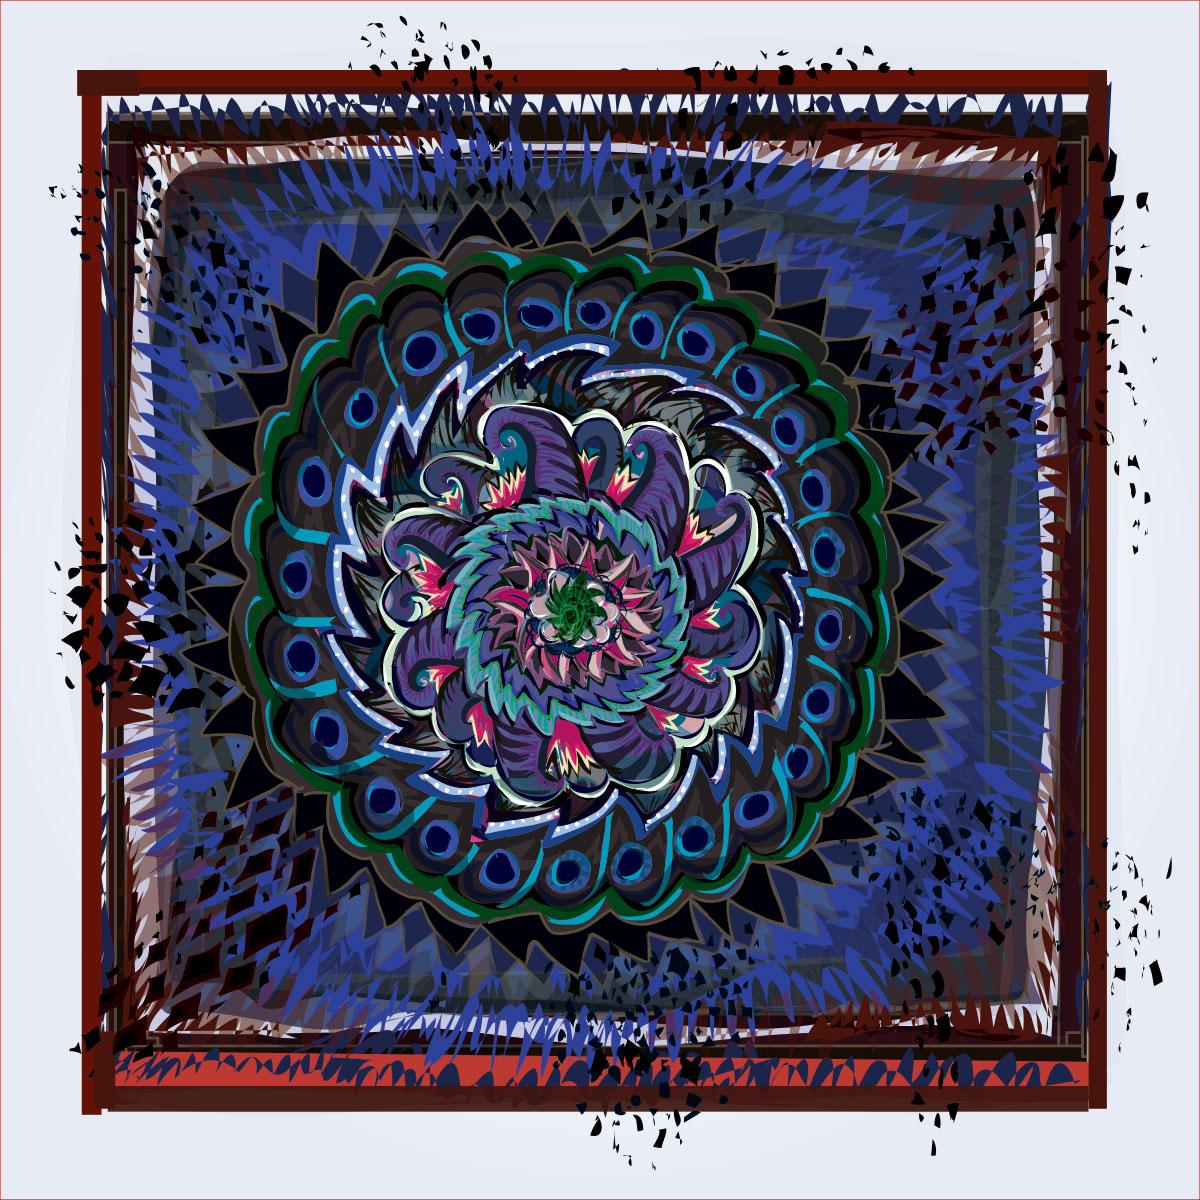 mandala-like pattern